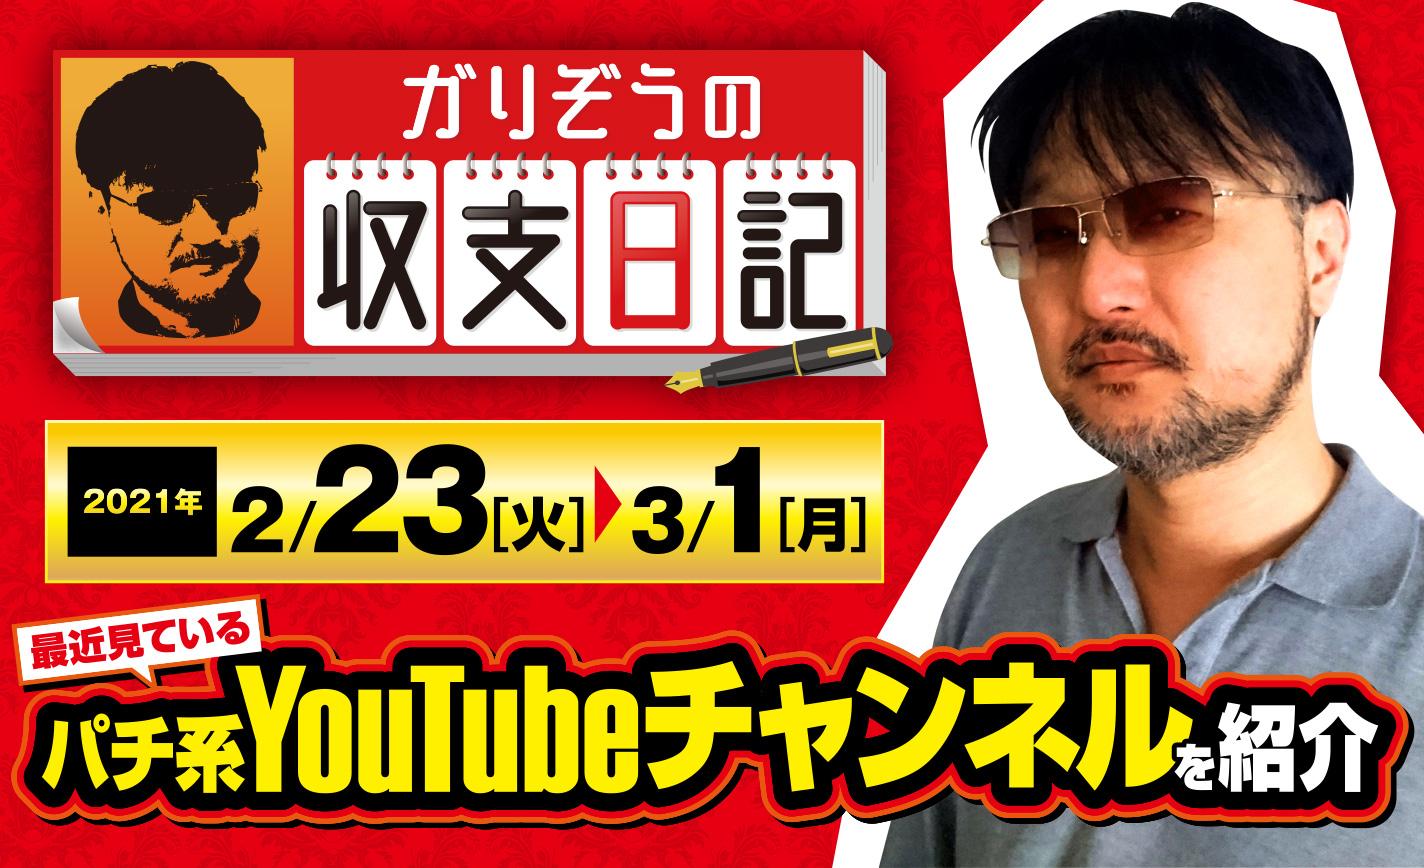 ガリぞうが最近見ているパチ系YouTubeチャンネルを紹介!【収支日記#48:2021年2月23日(火)~3月1日(月)】